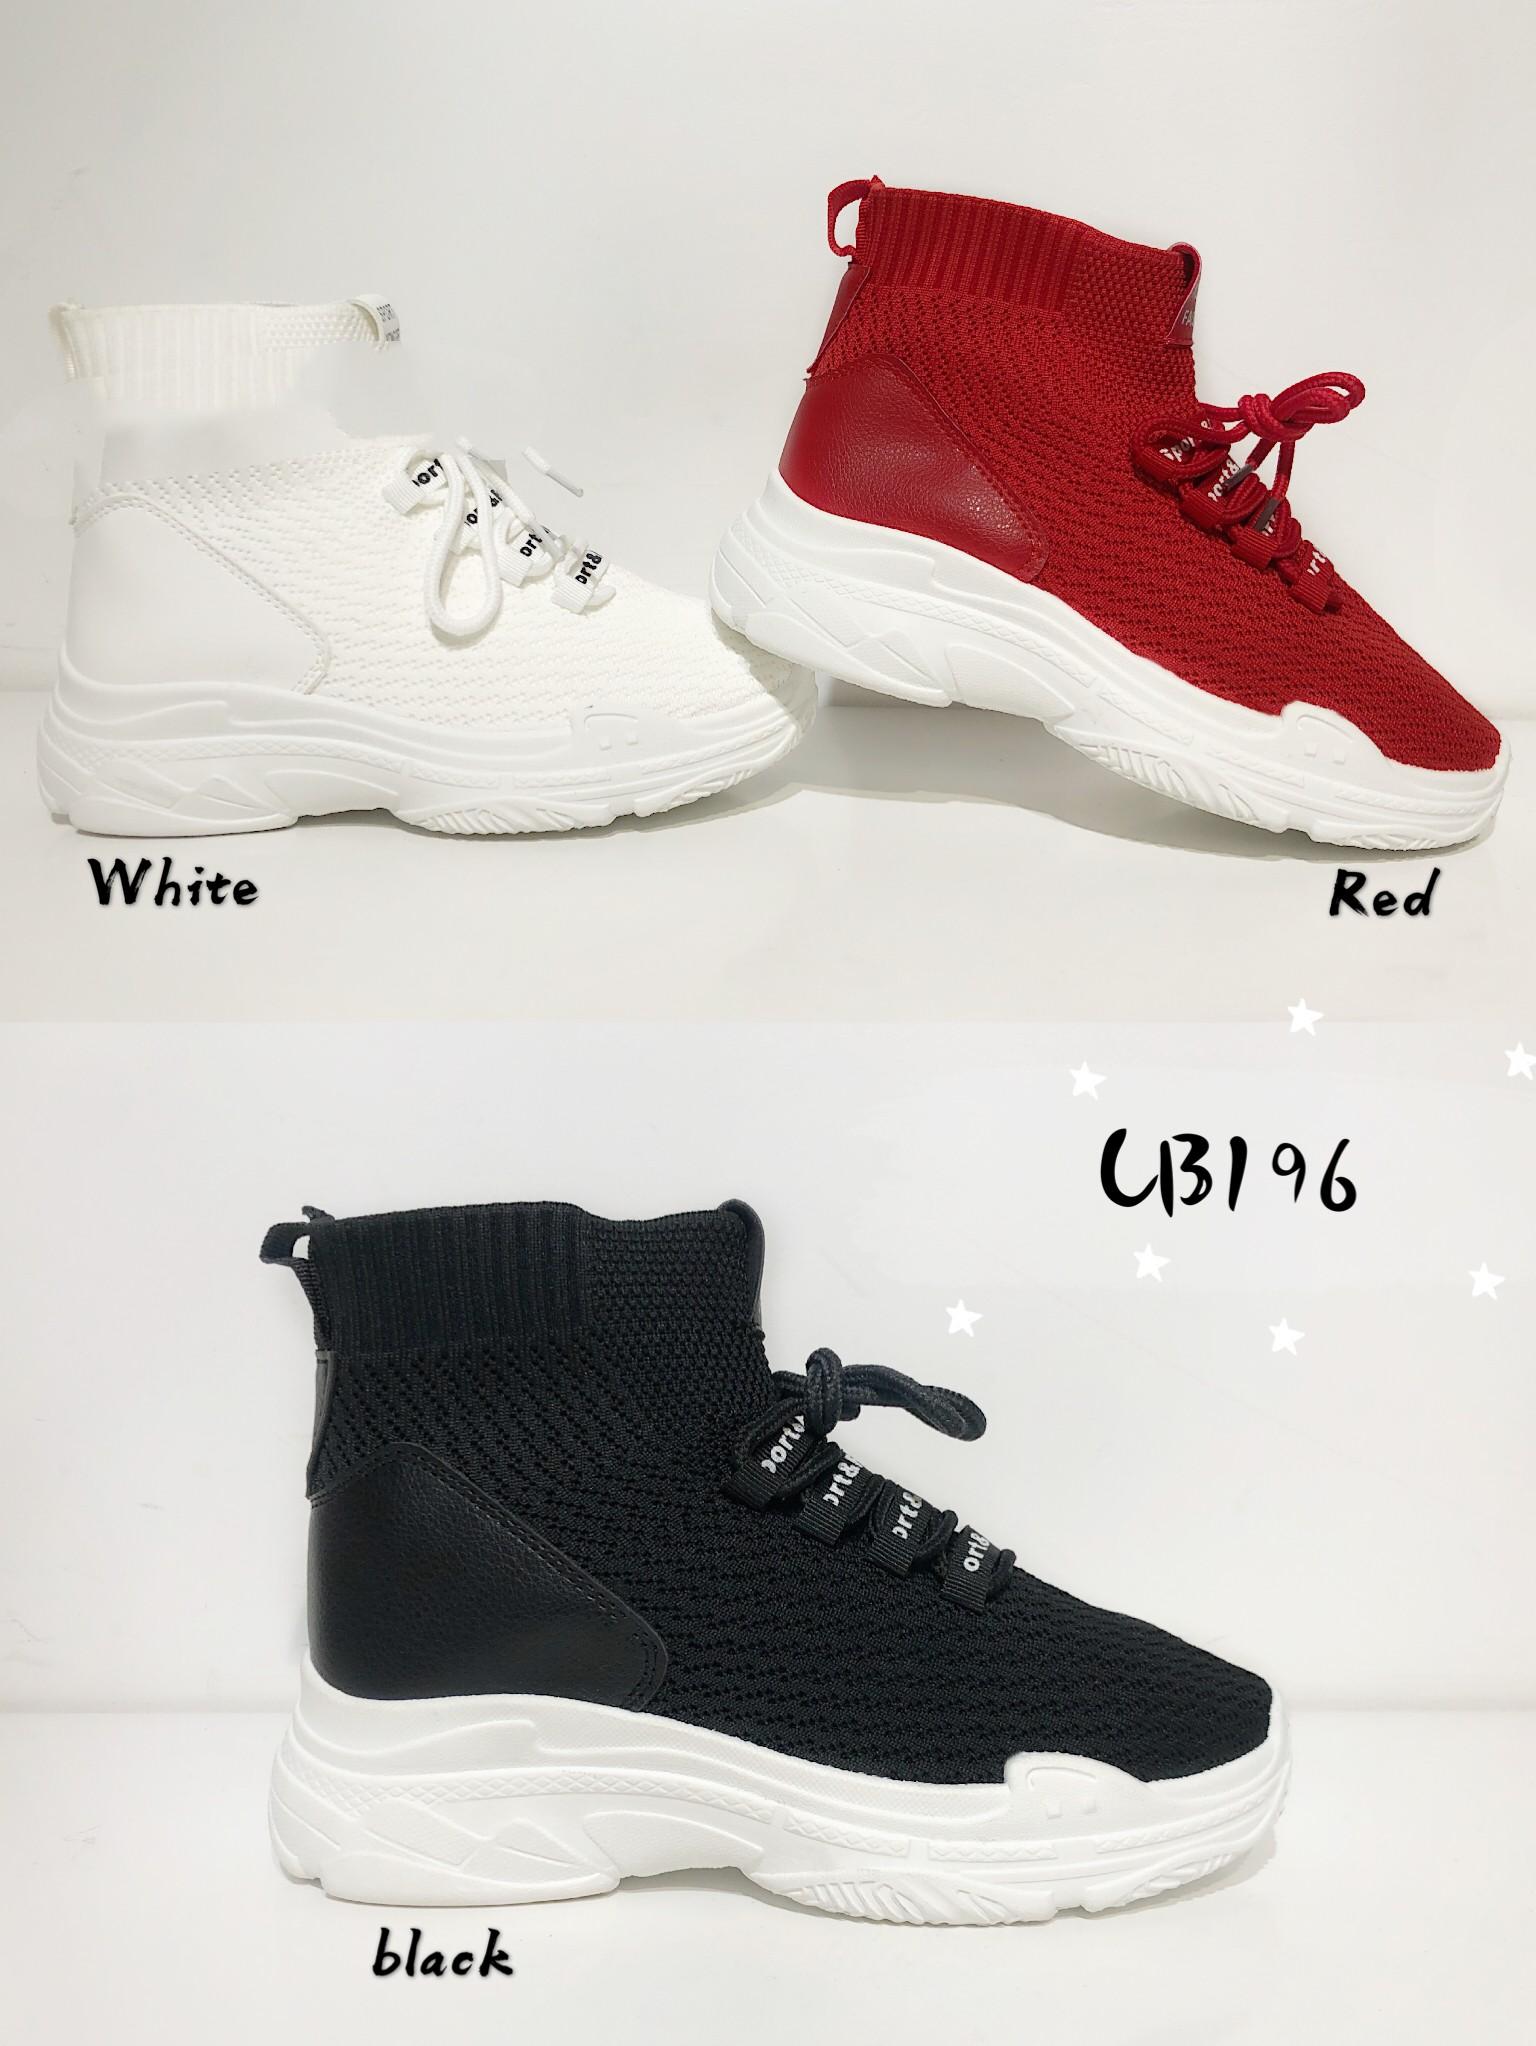 CB196-D4